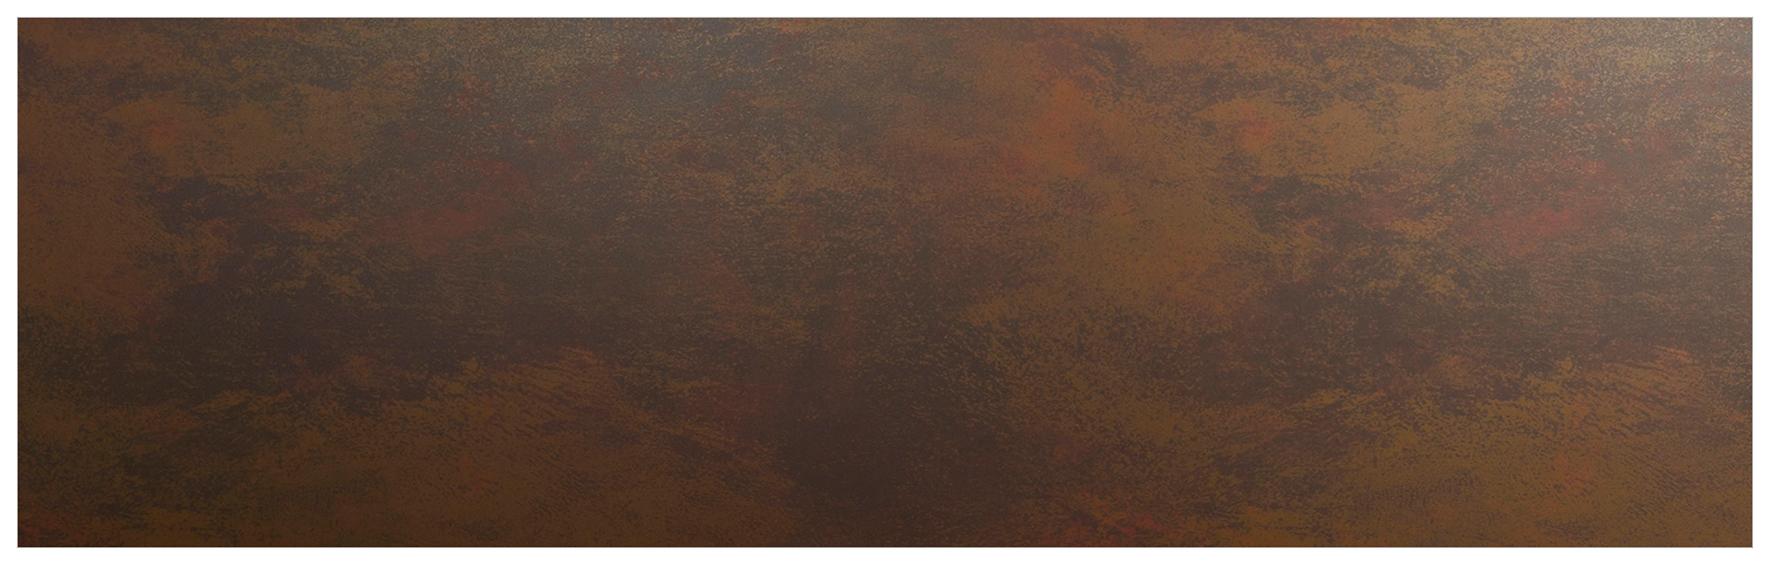 Oxide-Moro-Matt-1000x3000x3mm